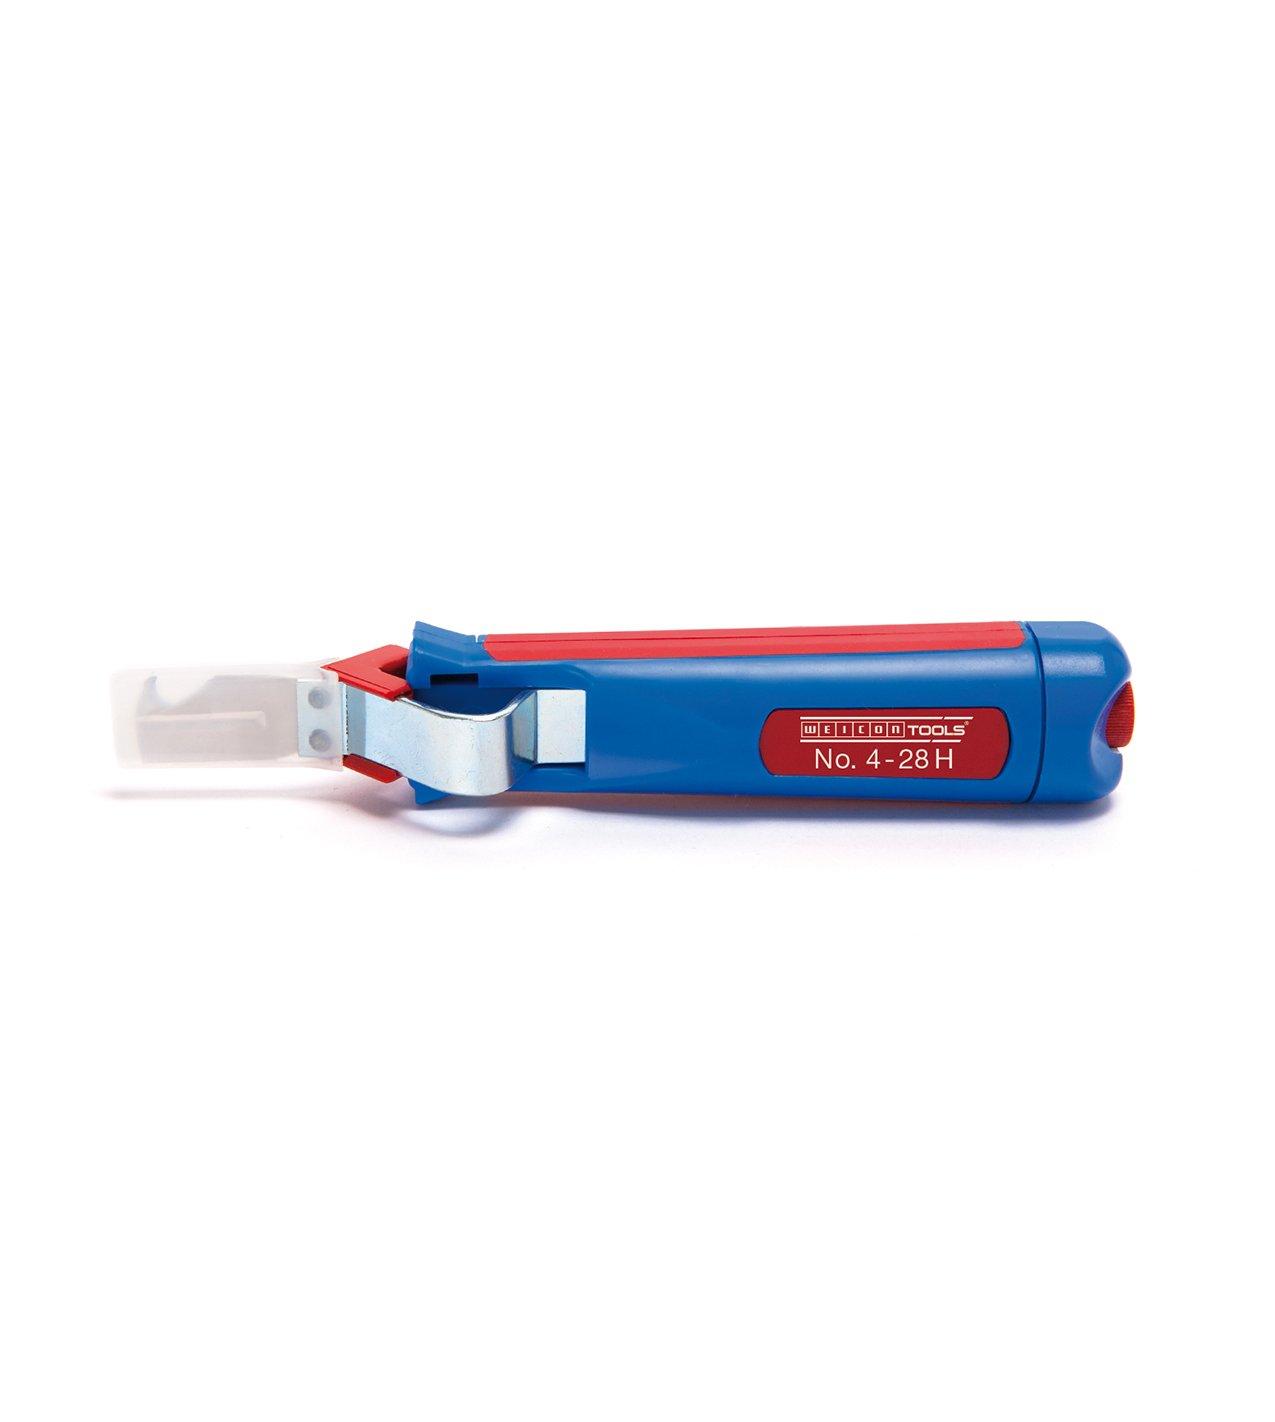 WEICON Kabelmesser No.4-28 H | Multi Abisoliermesser mit Hakenklinge | Universal Abilsolierwerkzeug mit verstellbarer Schnitttiefe | Entmantler für Rundkabel | Arbeitsbereich 4 - 28 mm Ø | Abmantler Abisolierer| TÜV | blau / rot | 100% Mad